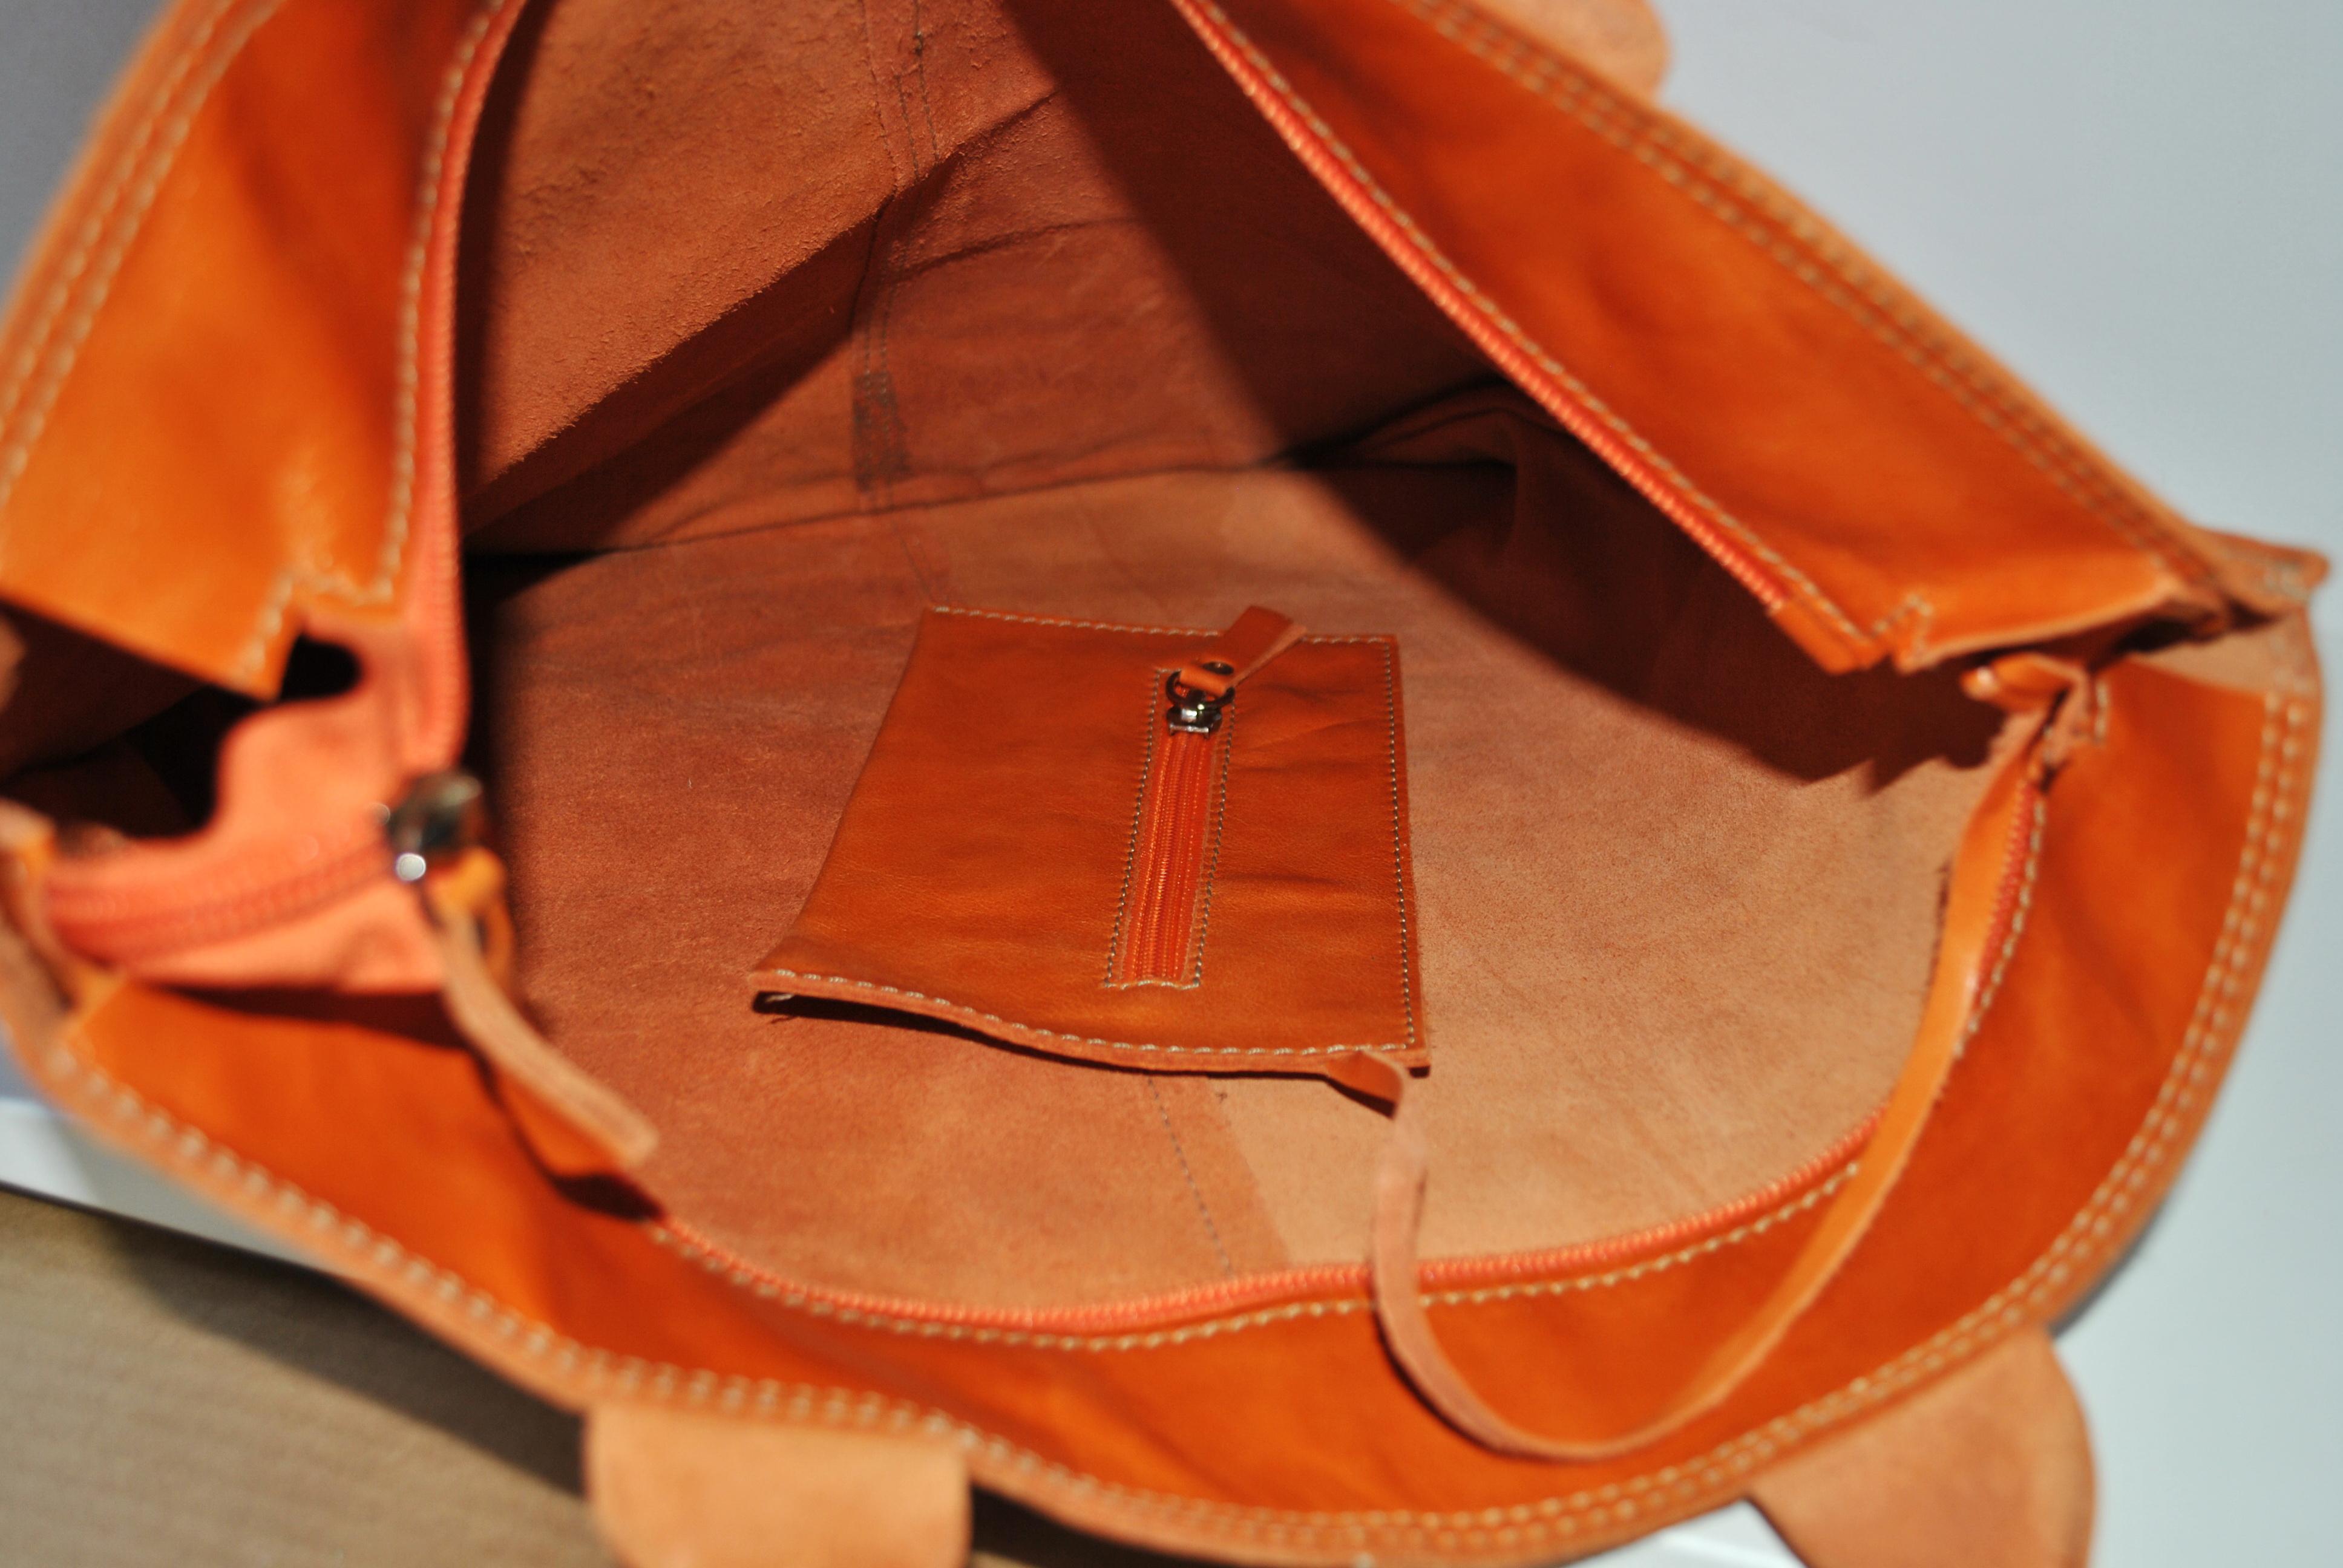 Классическая сумка коричневого цвета. Дополнена кожаным кошельком на молнии. Фото 2